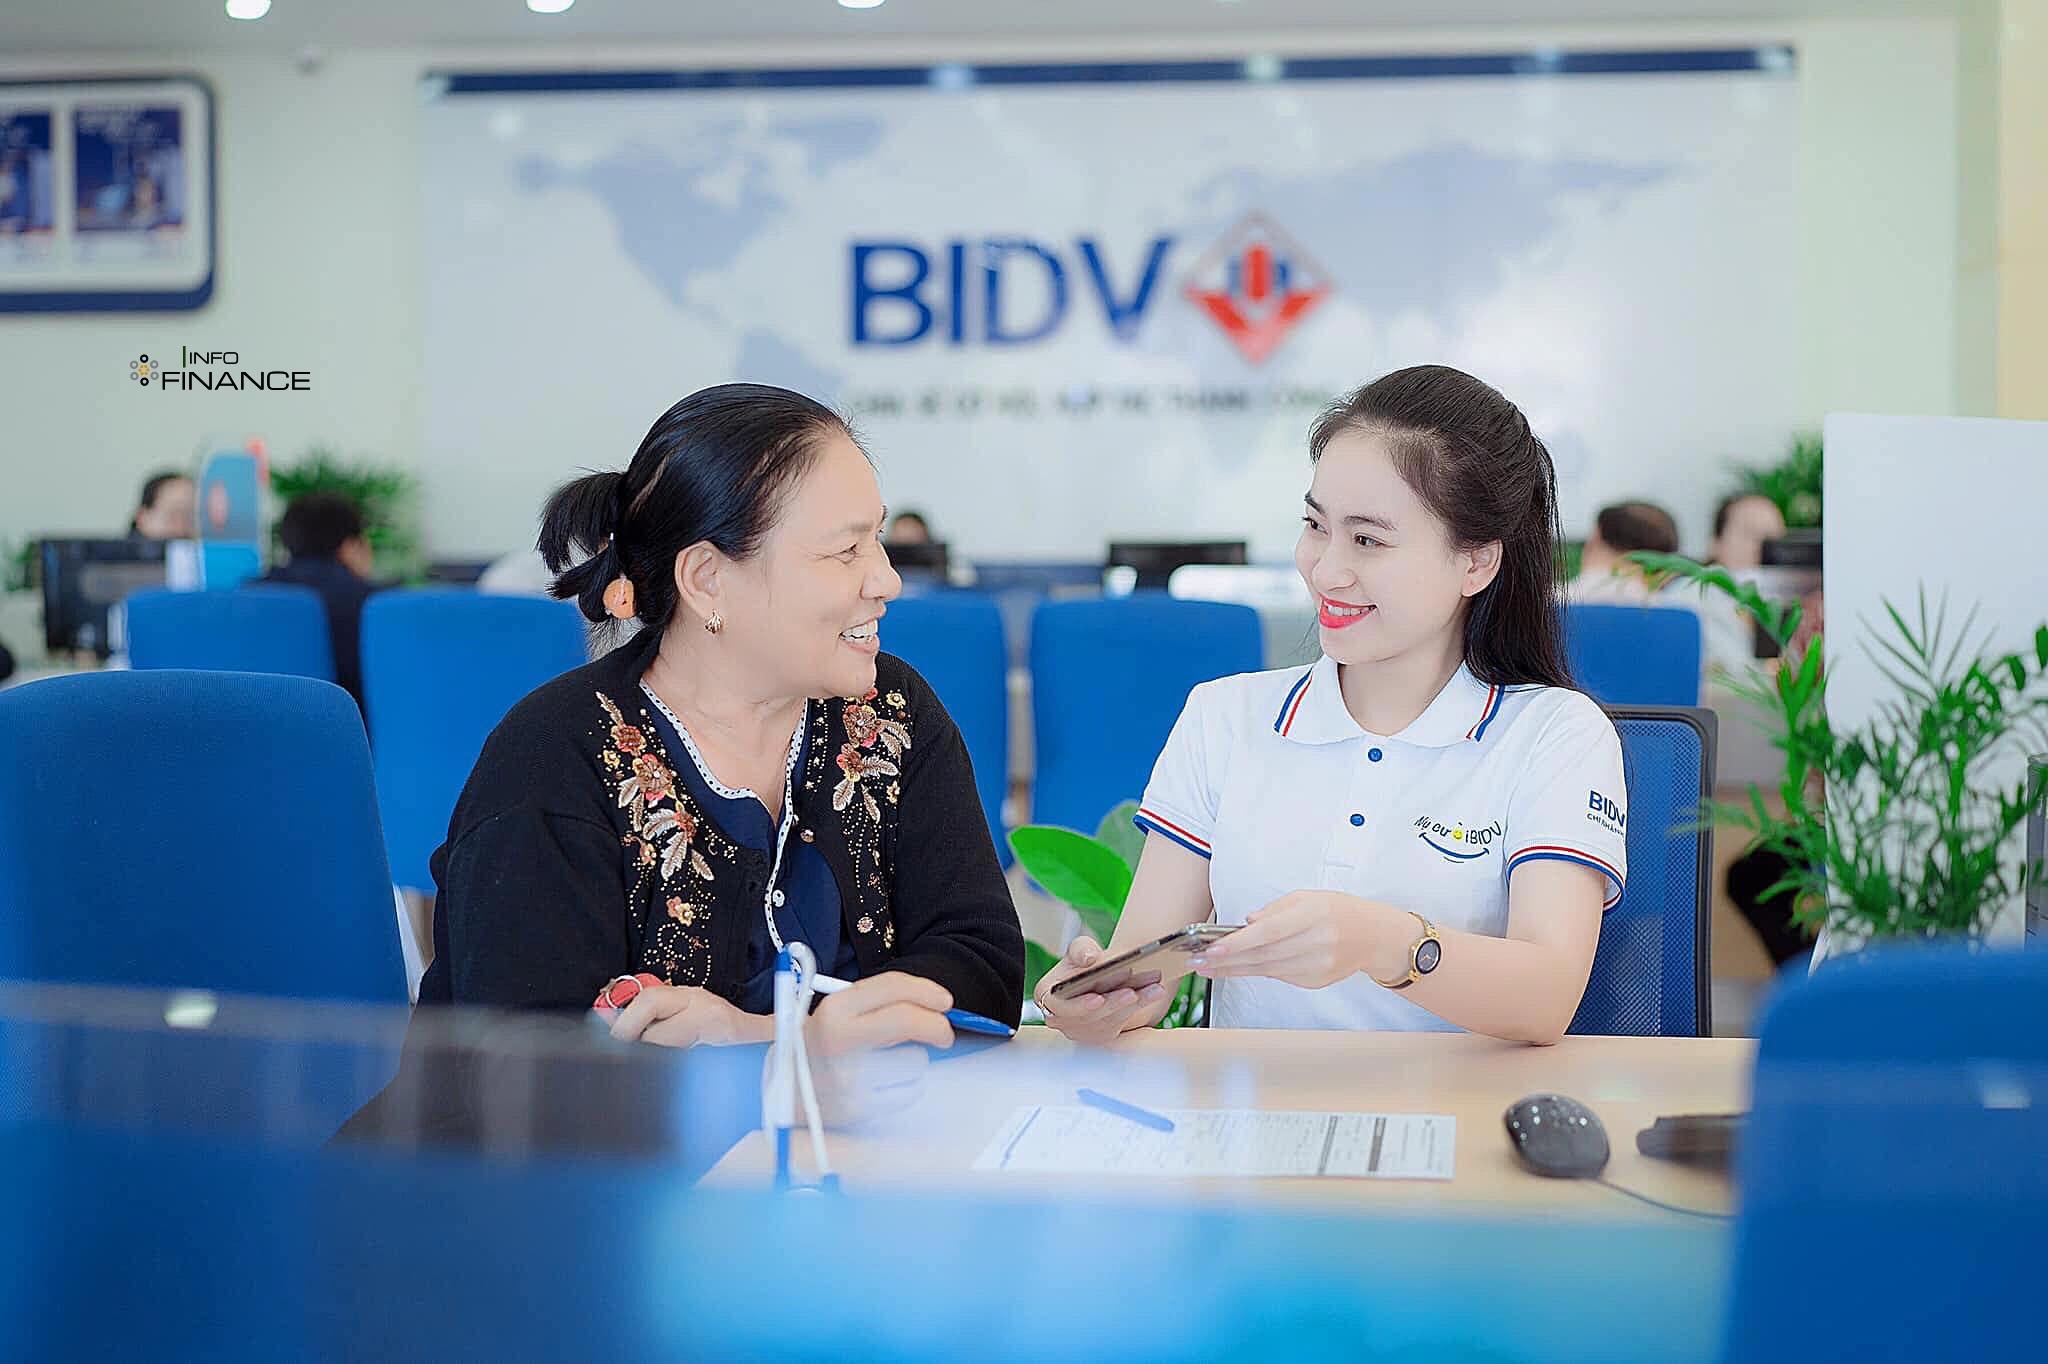 Quên mã Pin thẻ ATM ngân hàng BIDV. Cách lấy lại mật khẩu, mã pin -  InfoFinance.vn